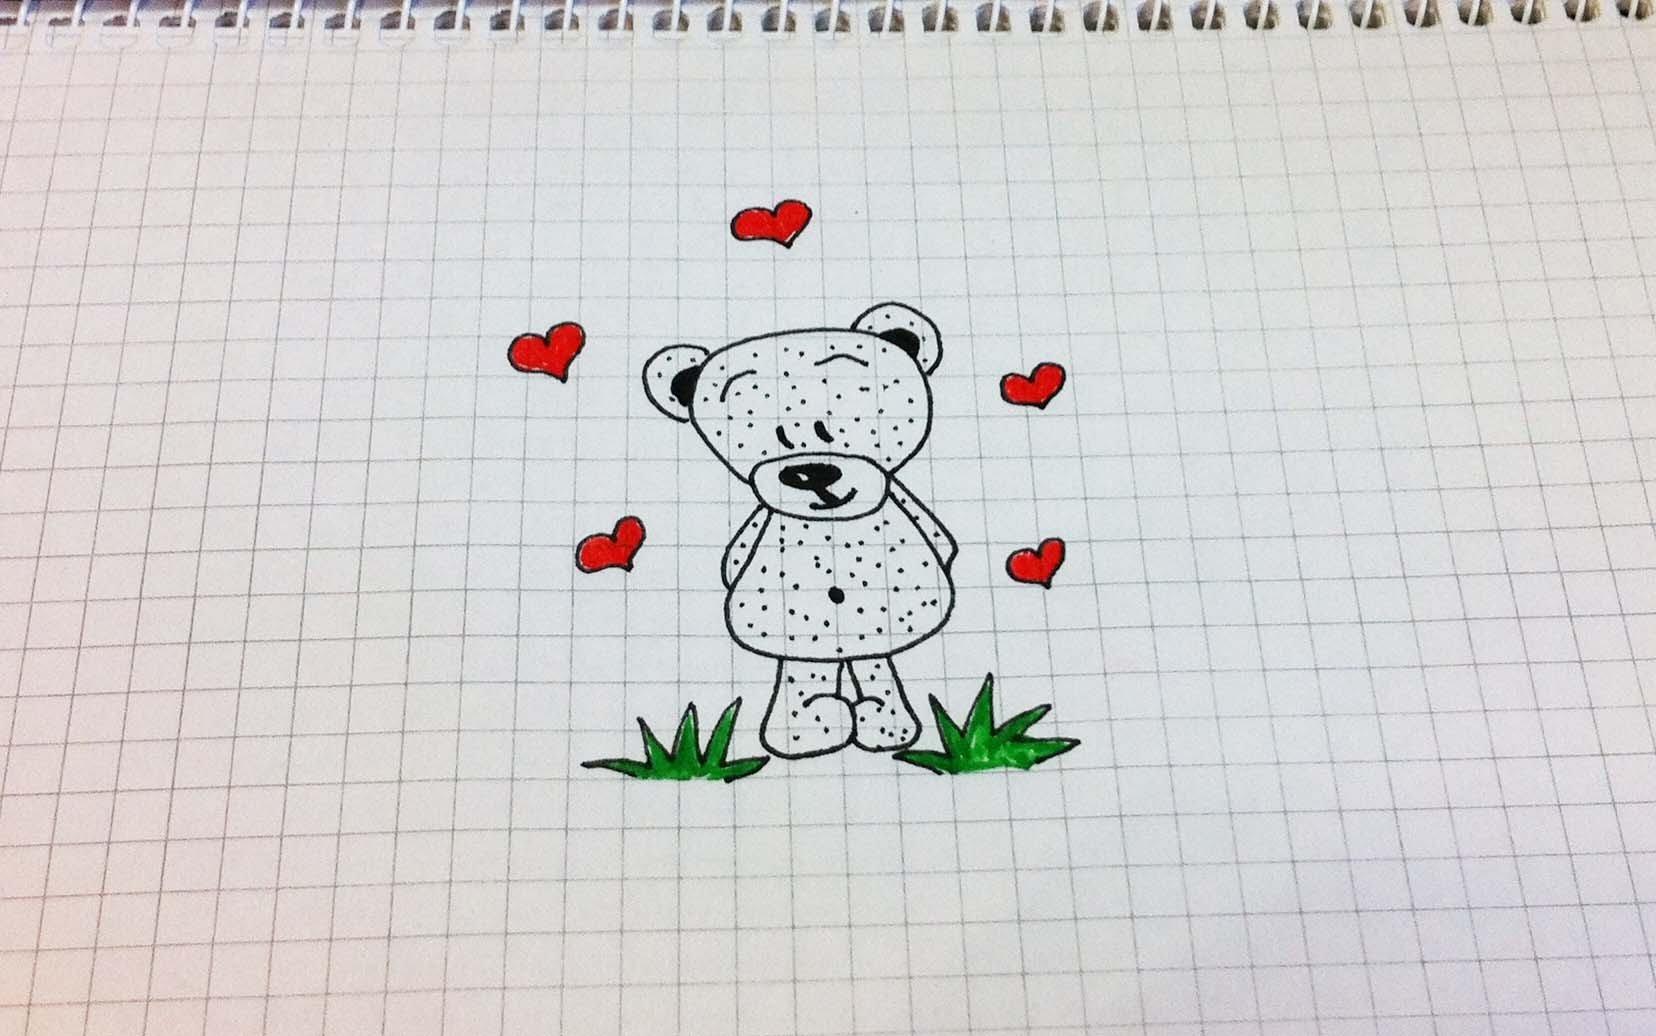 Прикольные рисунки простым карандашом в тетради, пожелания хорошего